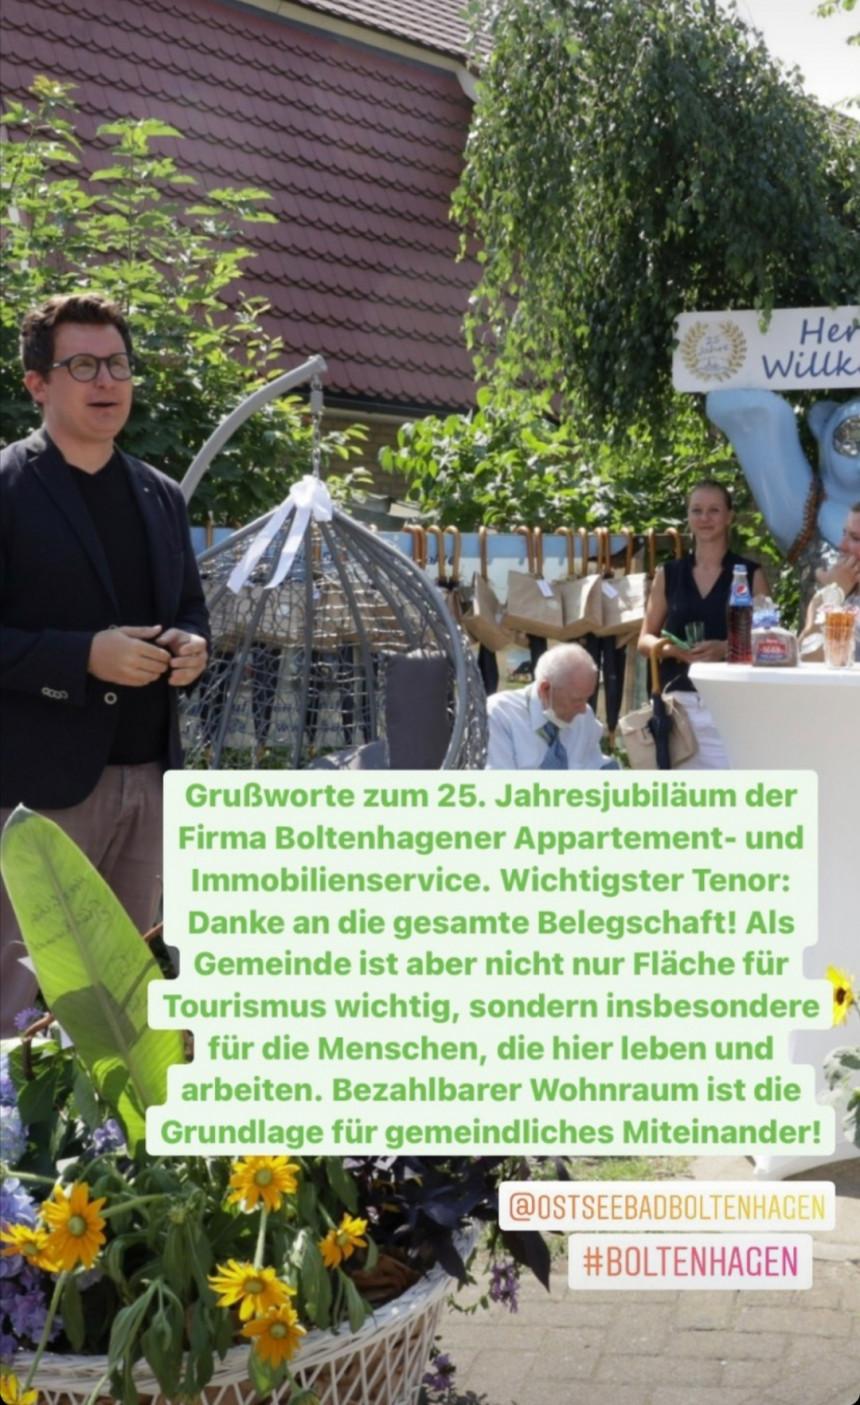 Grußworte zum 25. Jubiläum der Firma Boltenhagener Appartement und Immobilien GmbH.